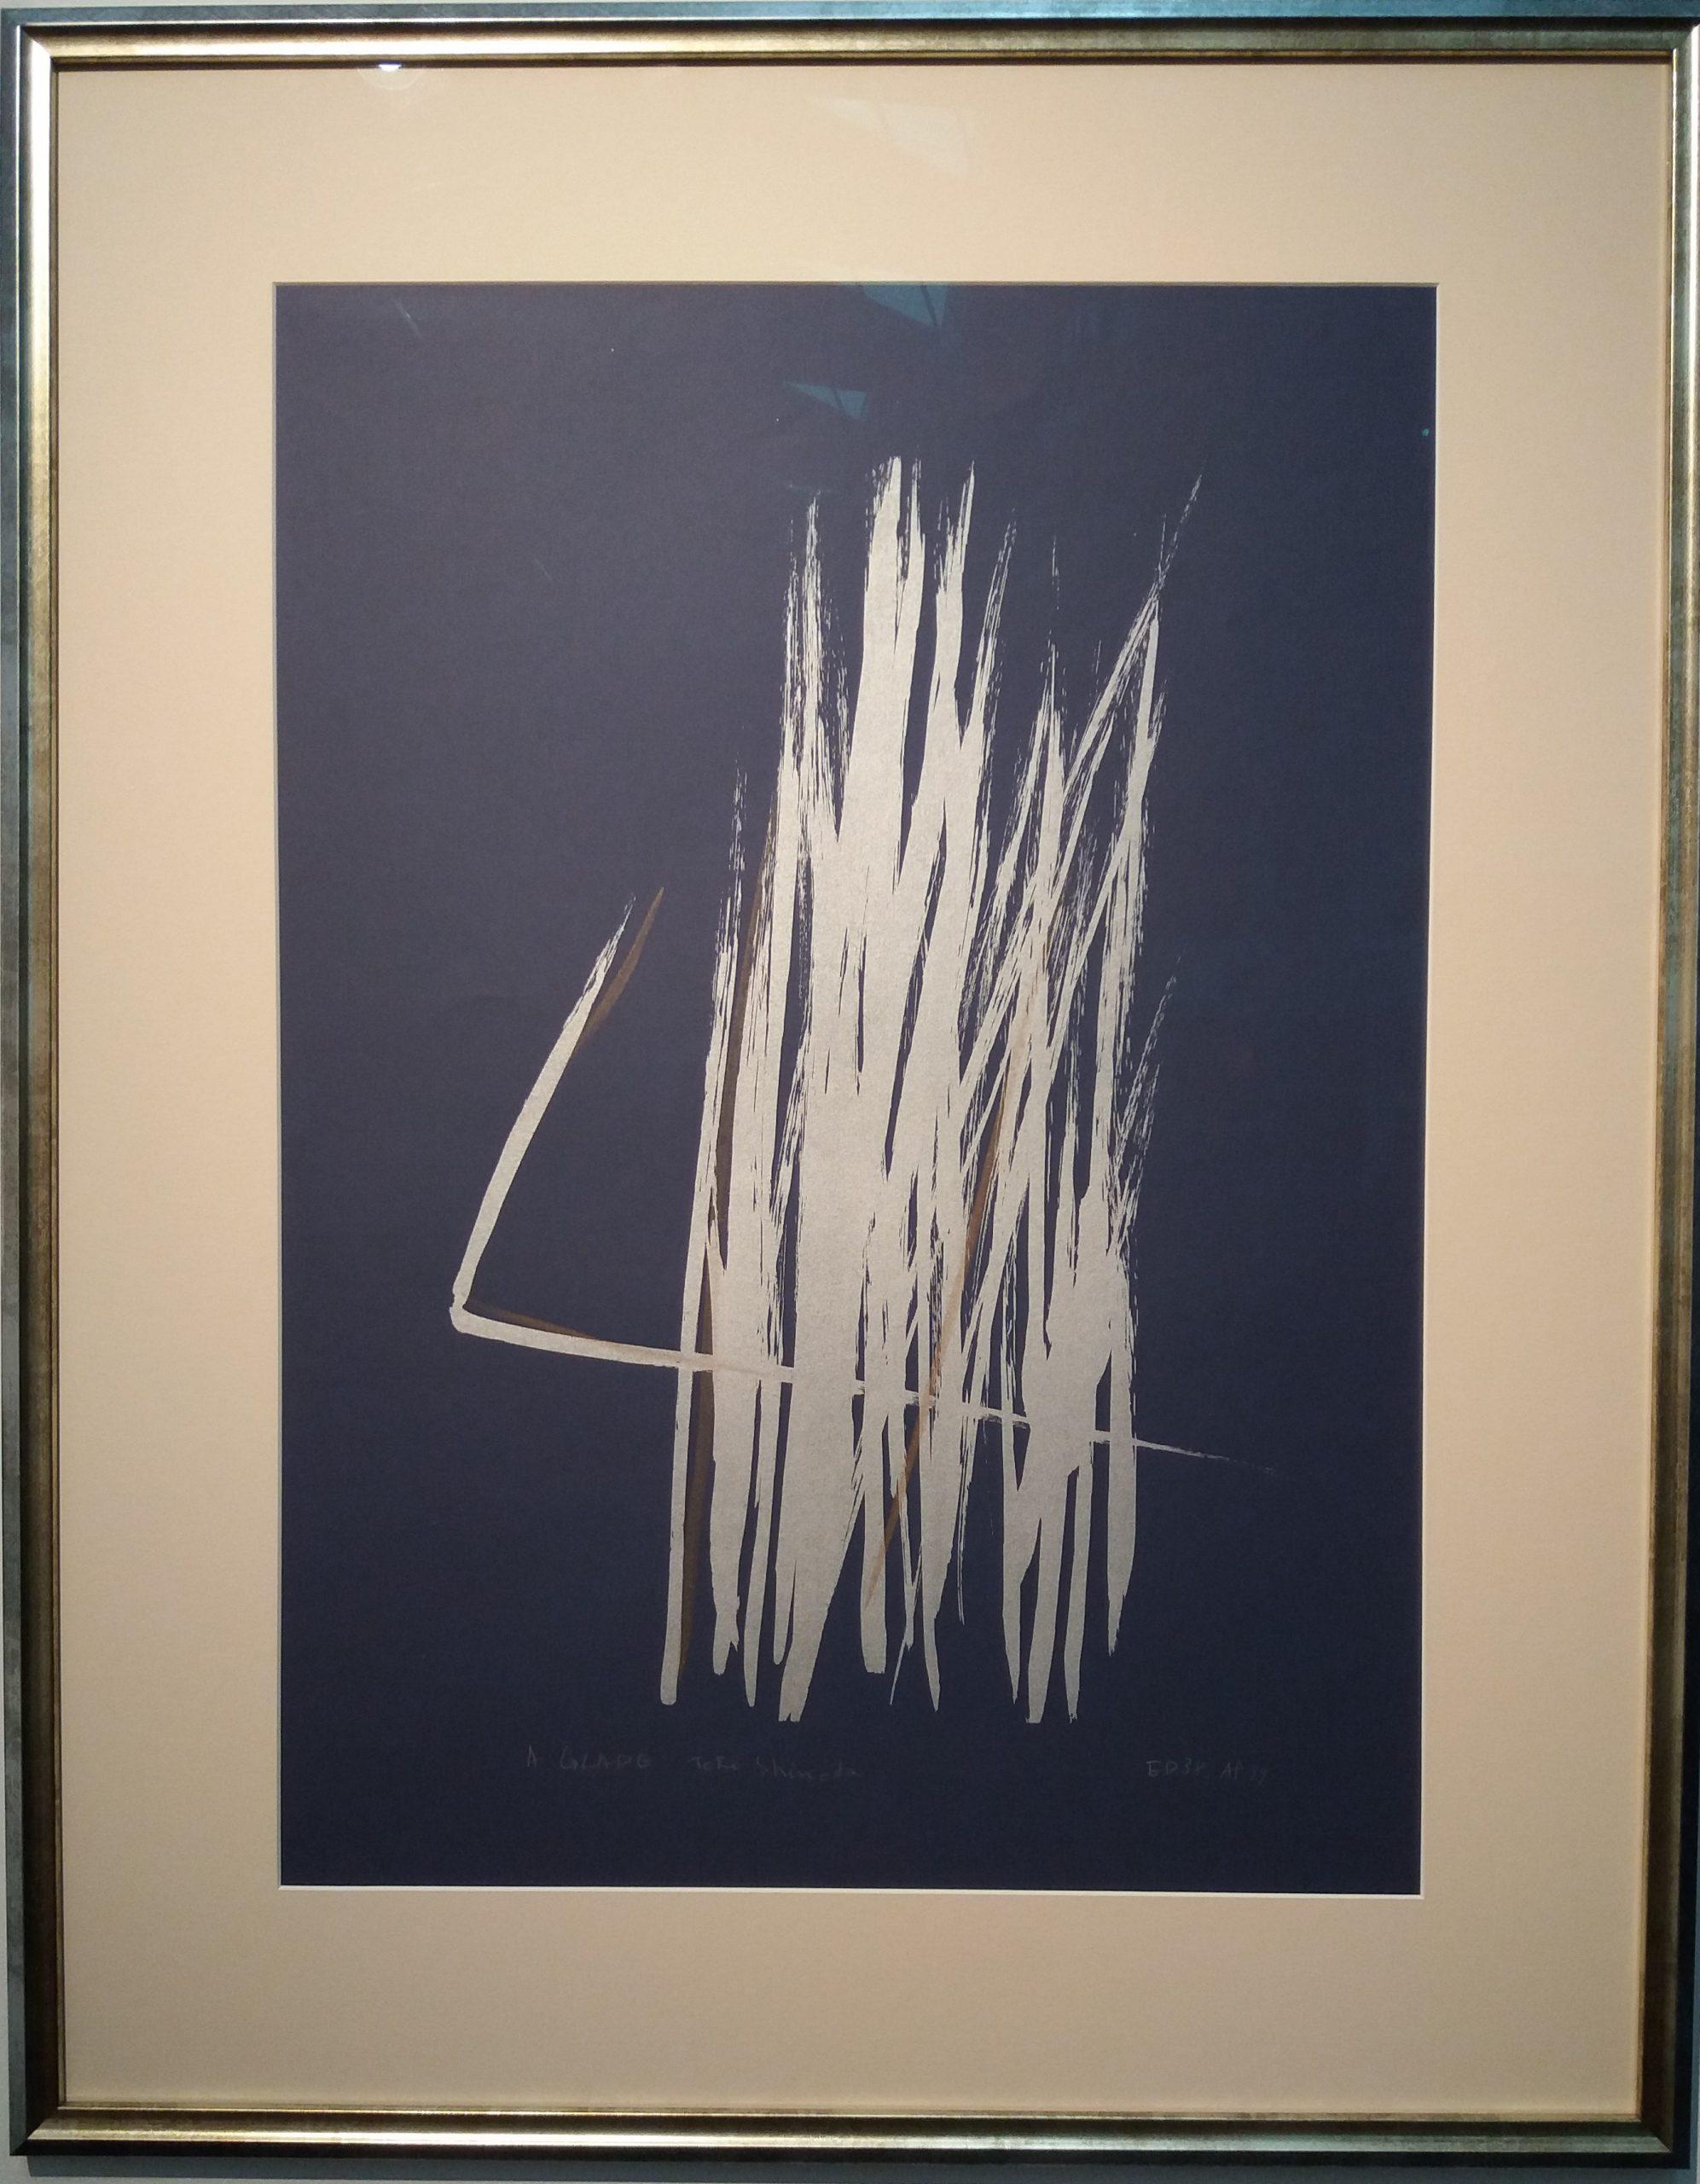 A Glade by Toko Shinoda